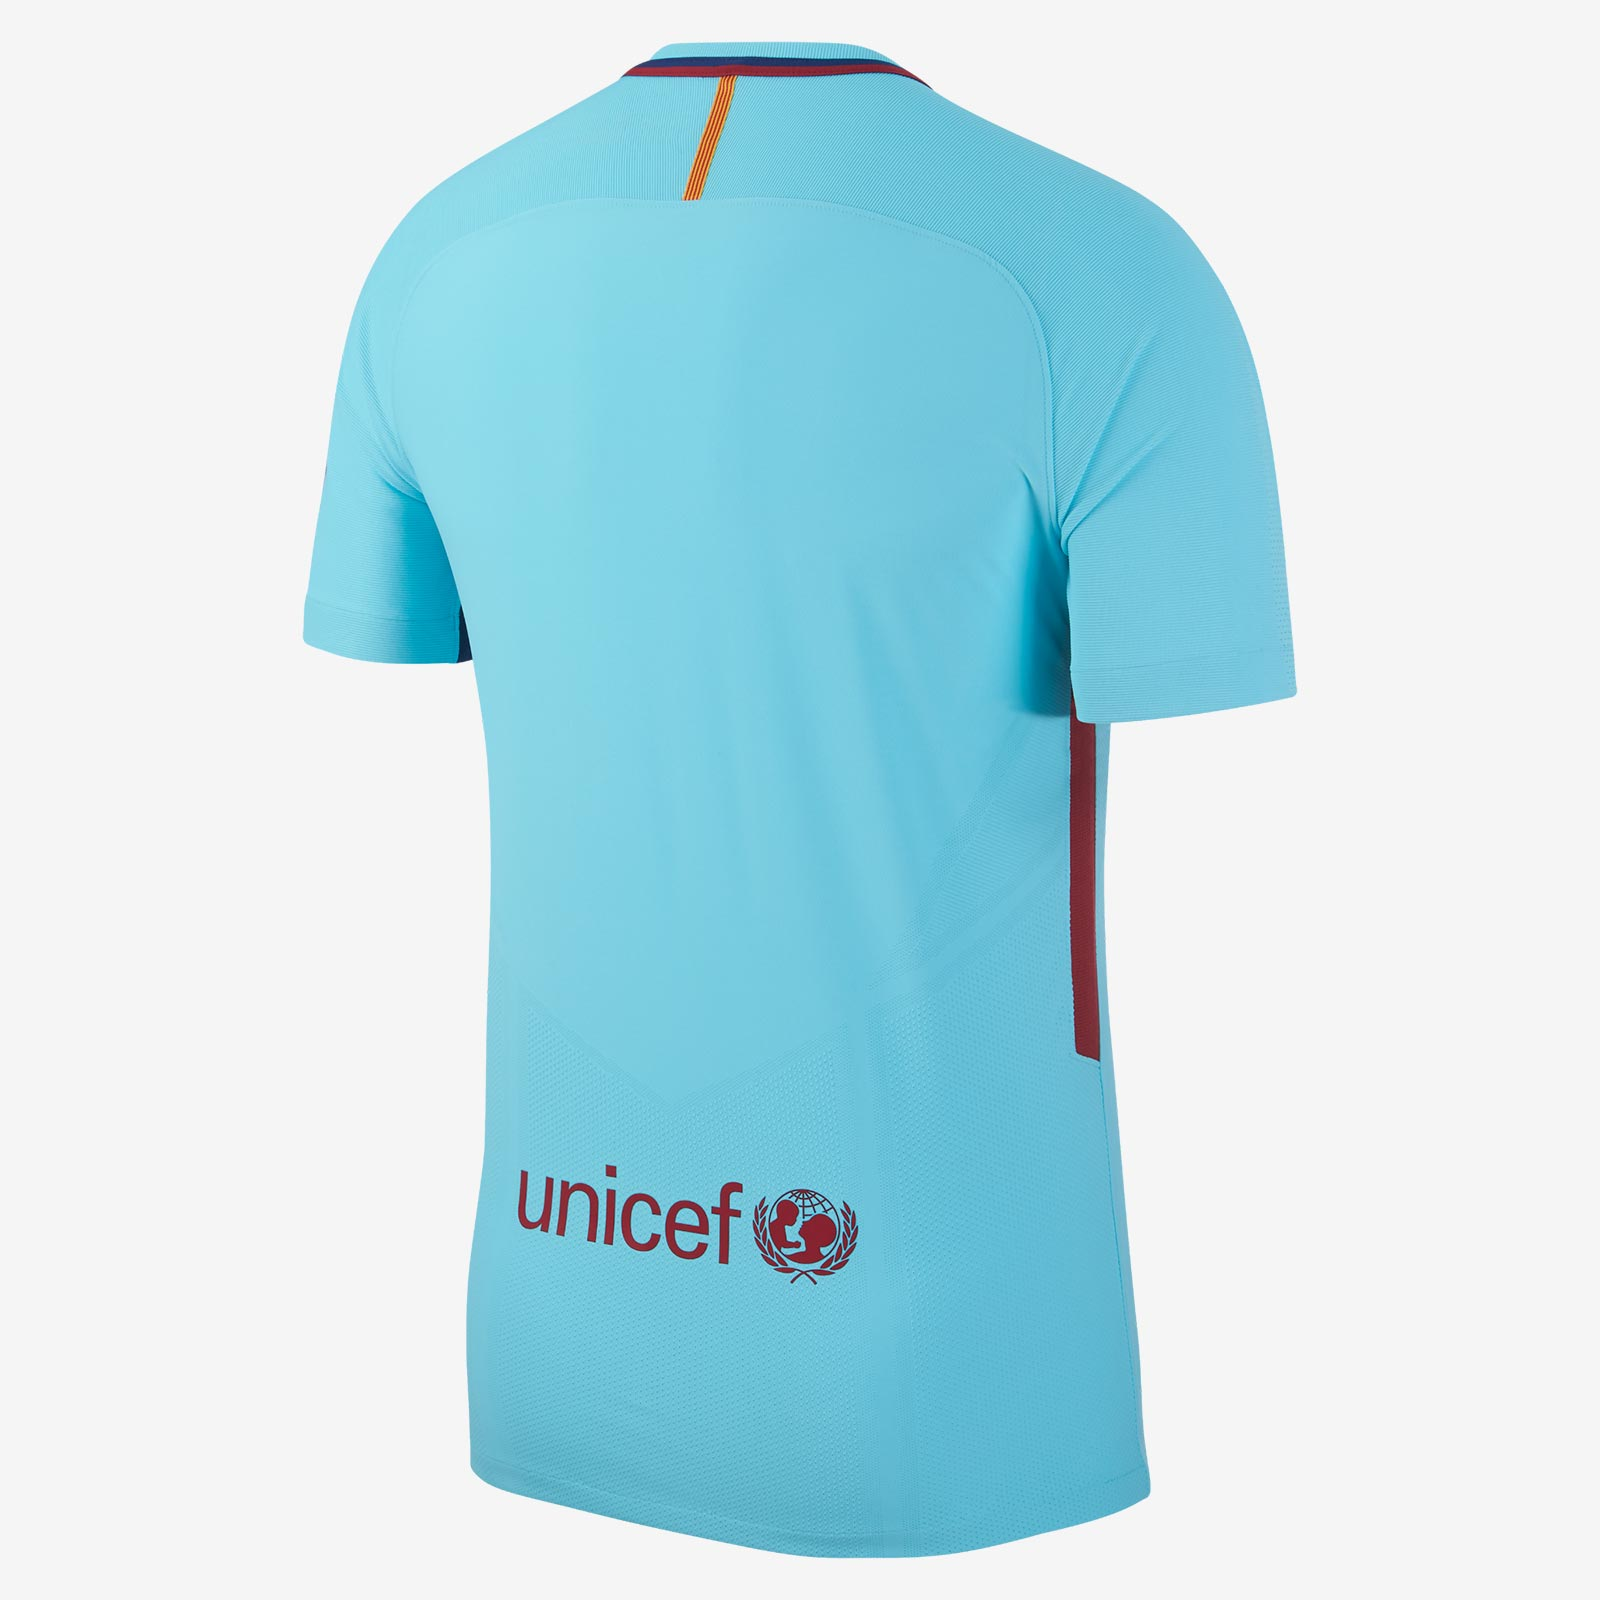 Voici le maillot du fc barcelone ext rieur 2017 2018 for Barcelone maillot exterieur